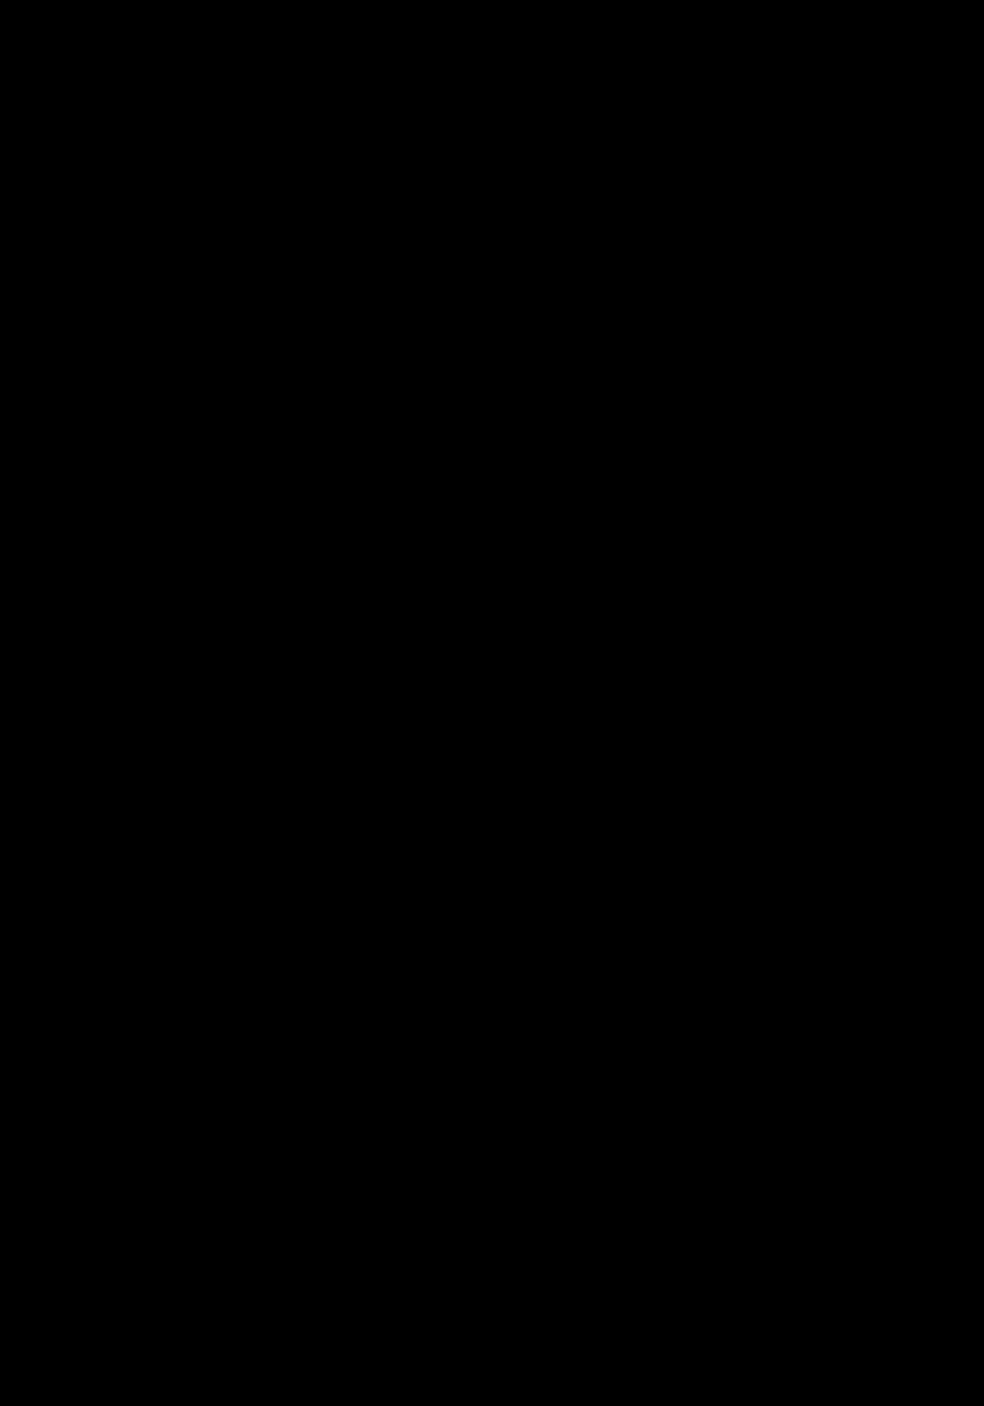 ゴカール DB(かな) DBGC 縦組見本